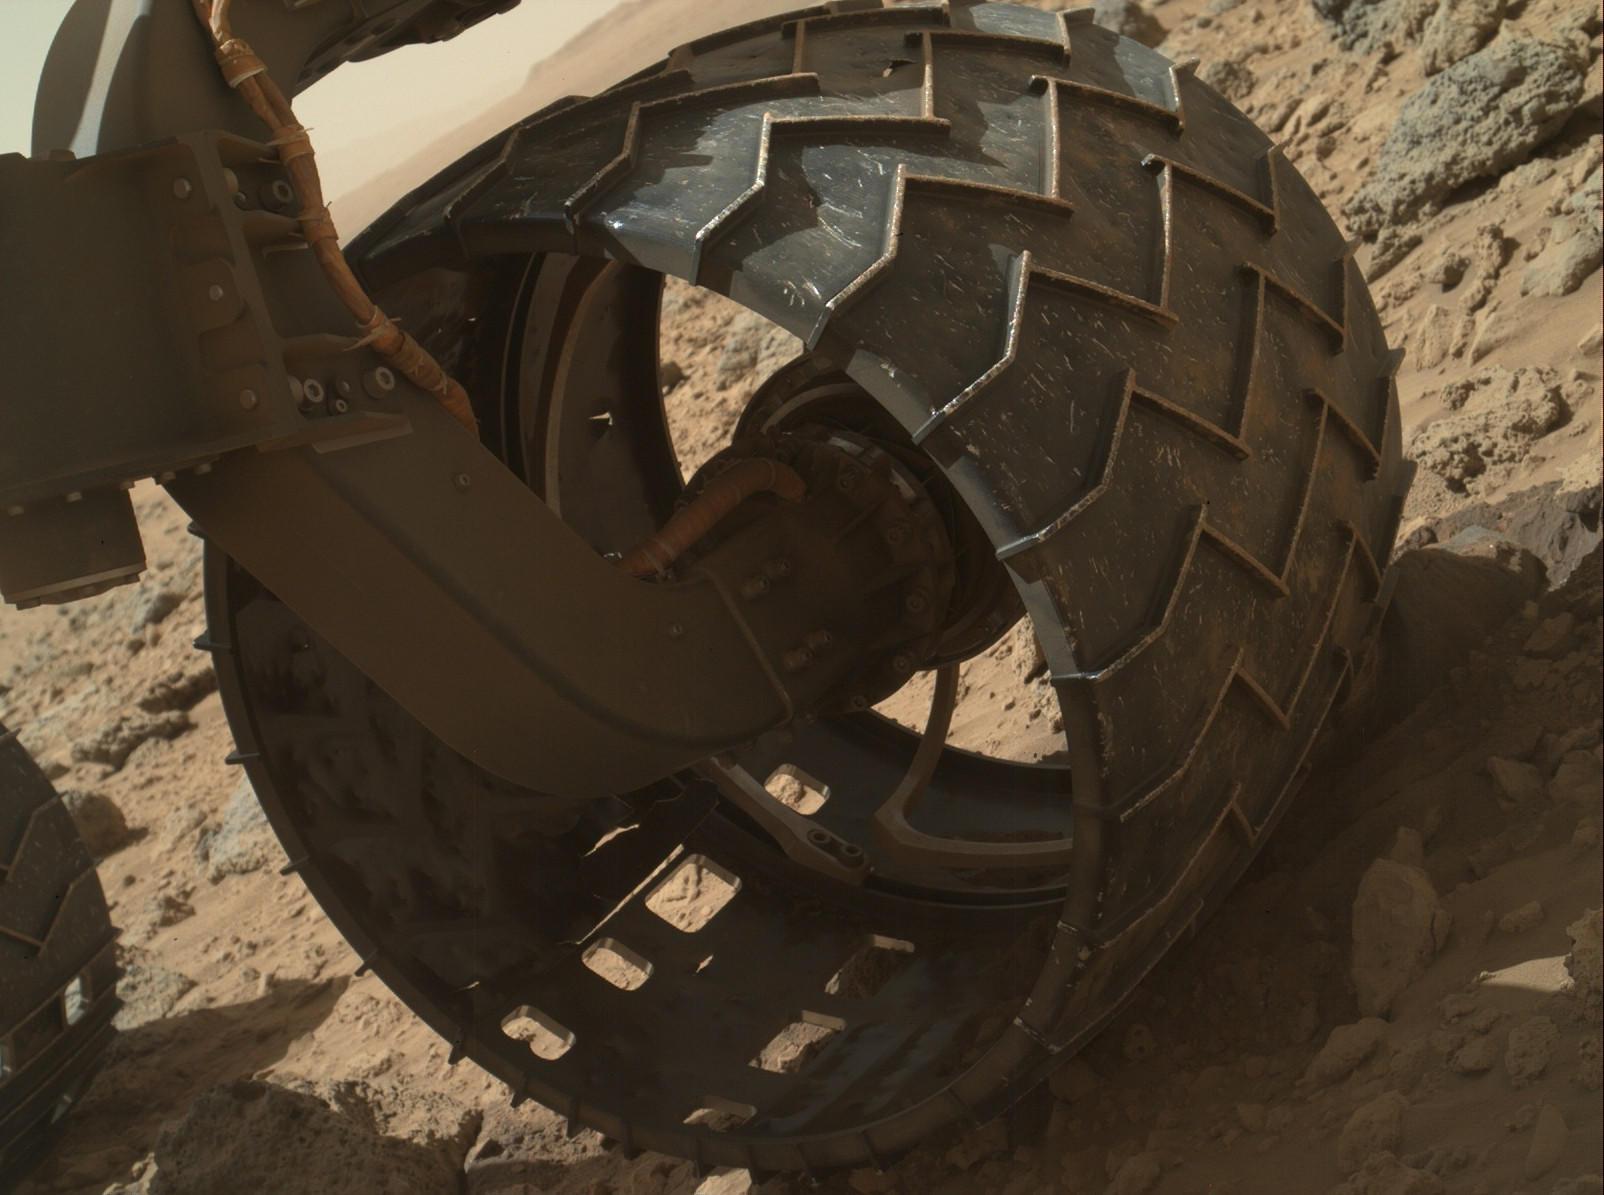 mars from mars rover wheels - photo #7